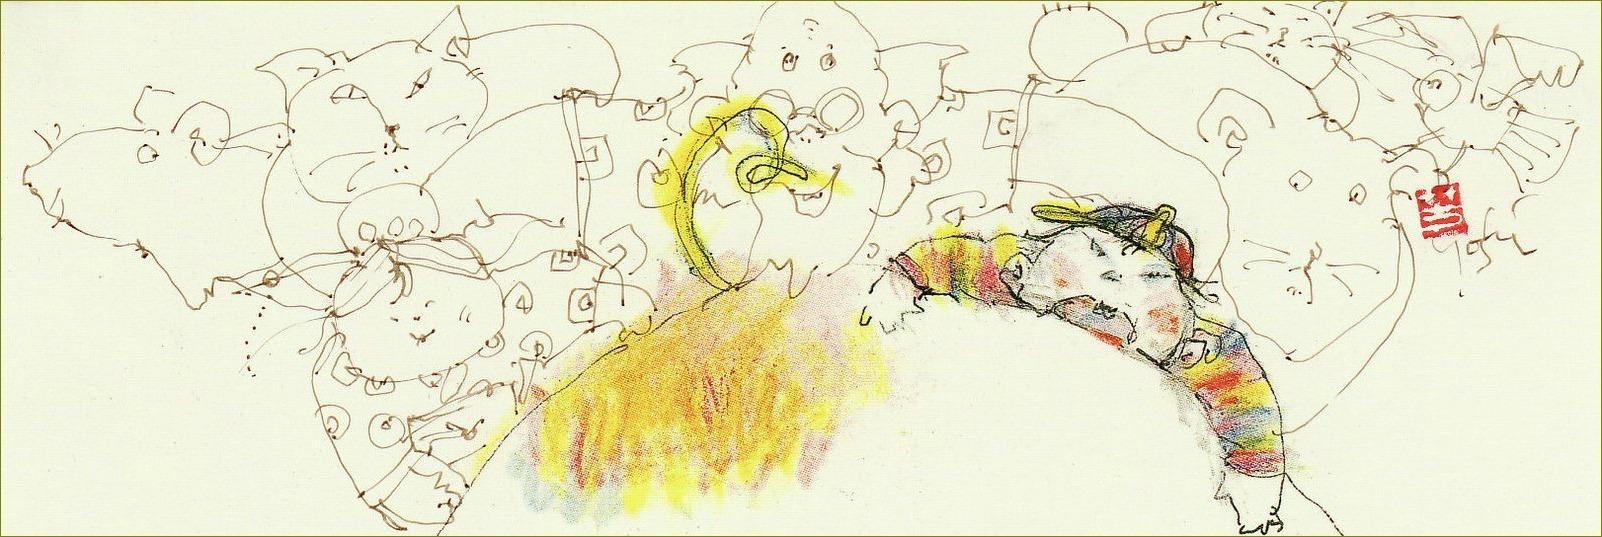 《 豚の尻尾に世界をさけぶ! 》_f0159856_18490231.jpg